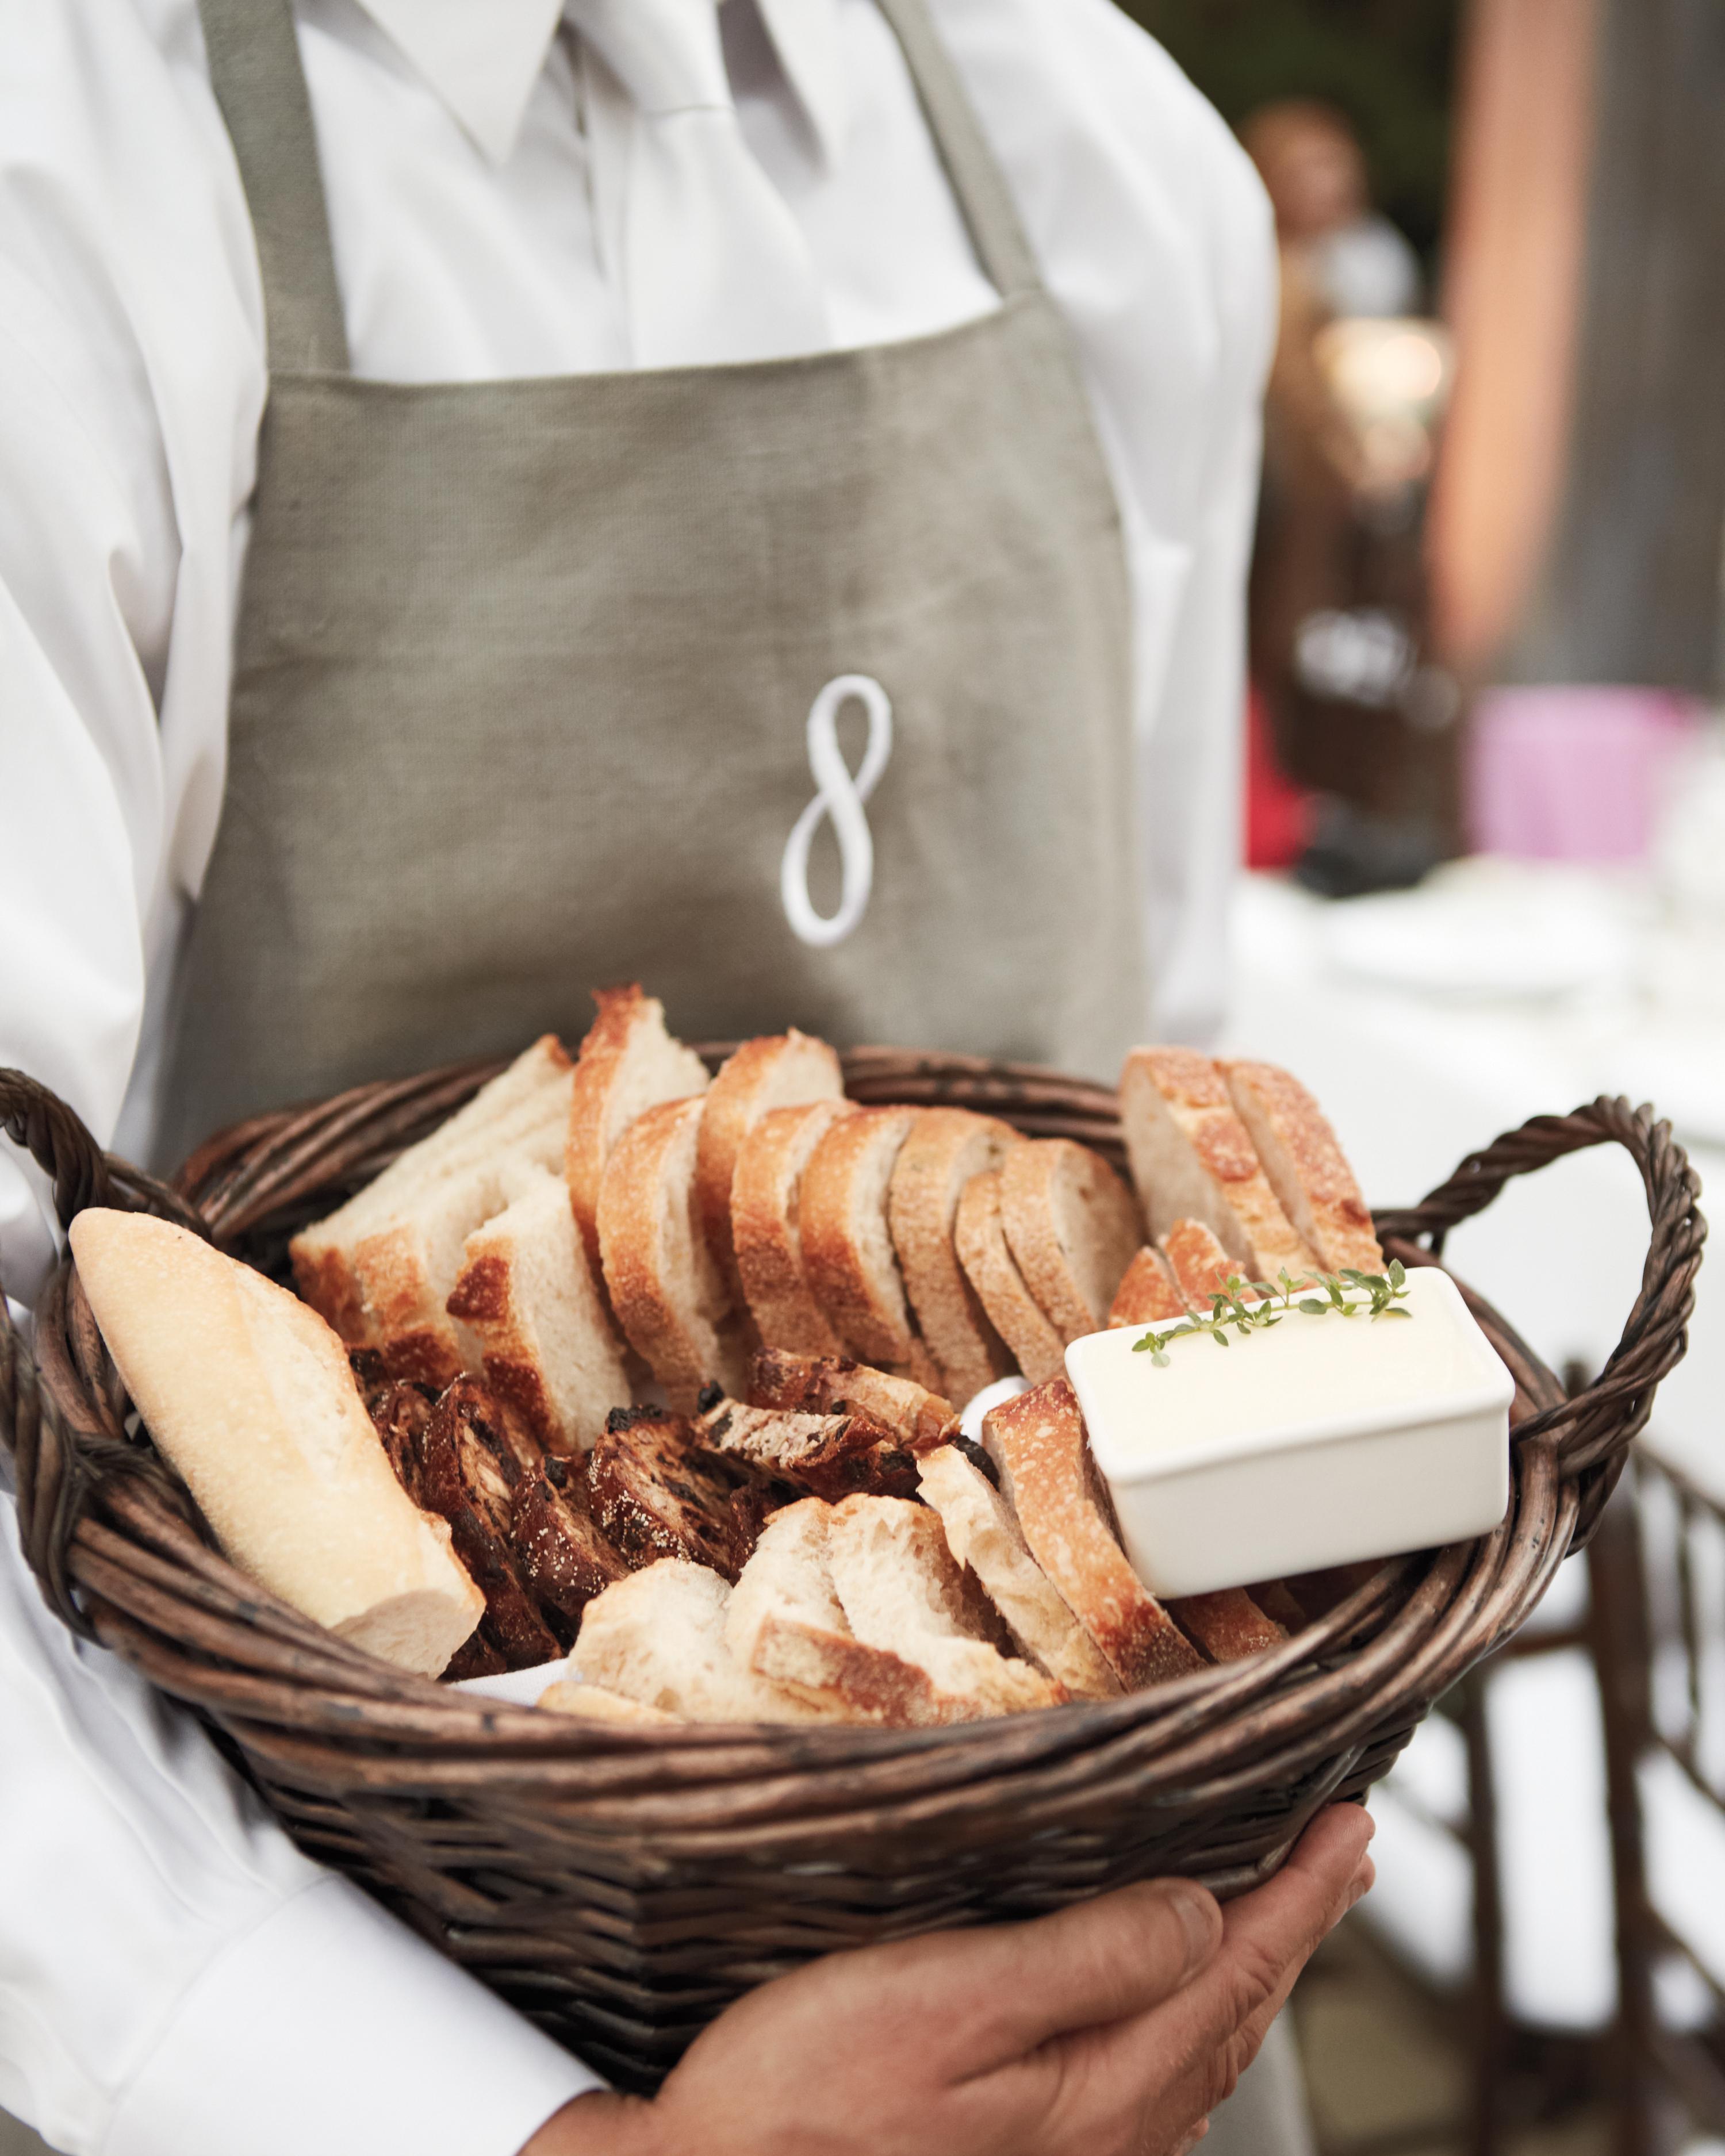 bread-mwd109296.jpg